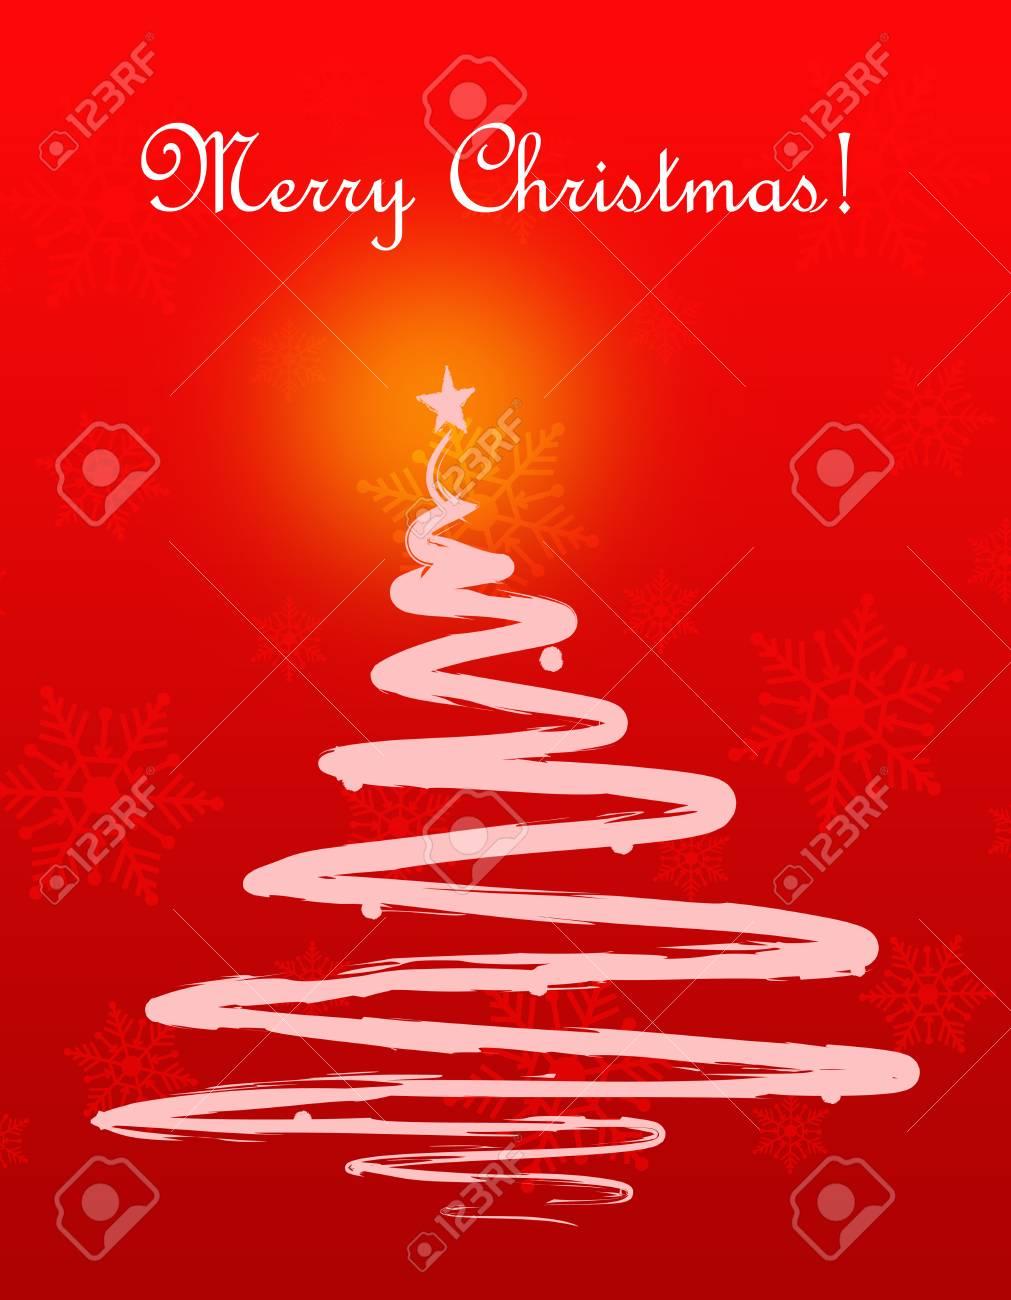 Foto Con Auguri Di Buon Natale.Cartolina D Auguri Di Buon Natale Con La Siluetta Dell Albero Di Natale Sulla Priorita Bassa Di Caduta Dei Fiocchi Di Neve